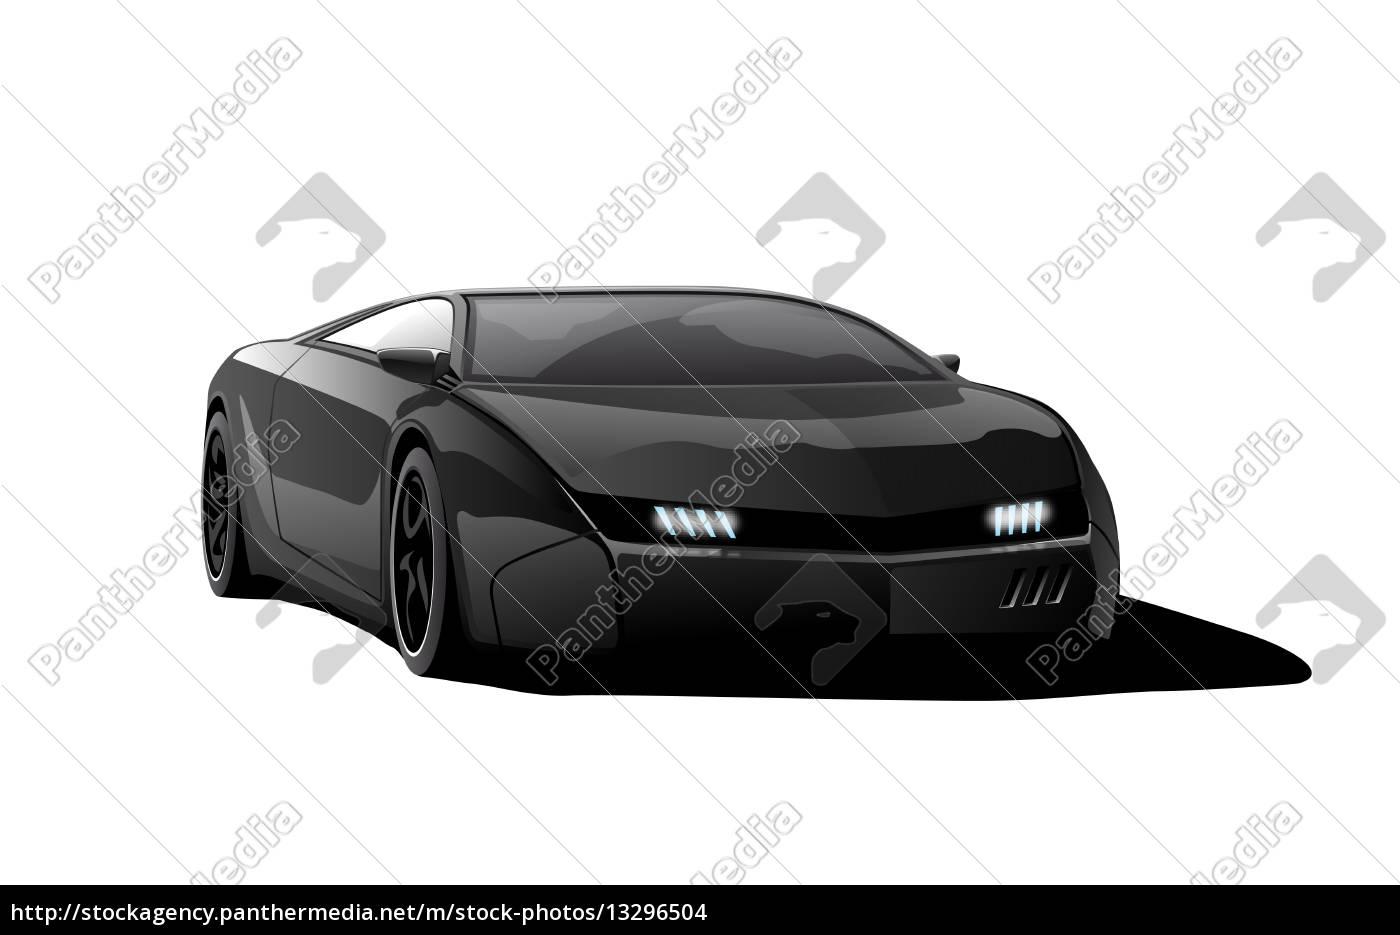 rennwagenfinal-black-blank - 13296504